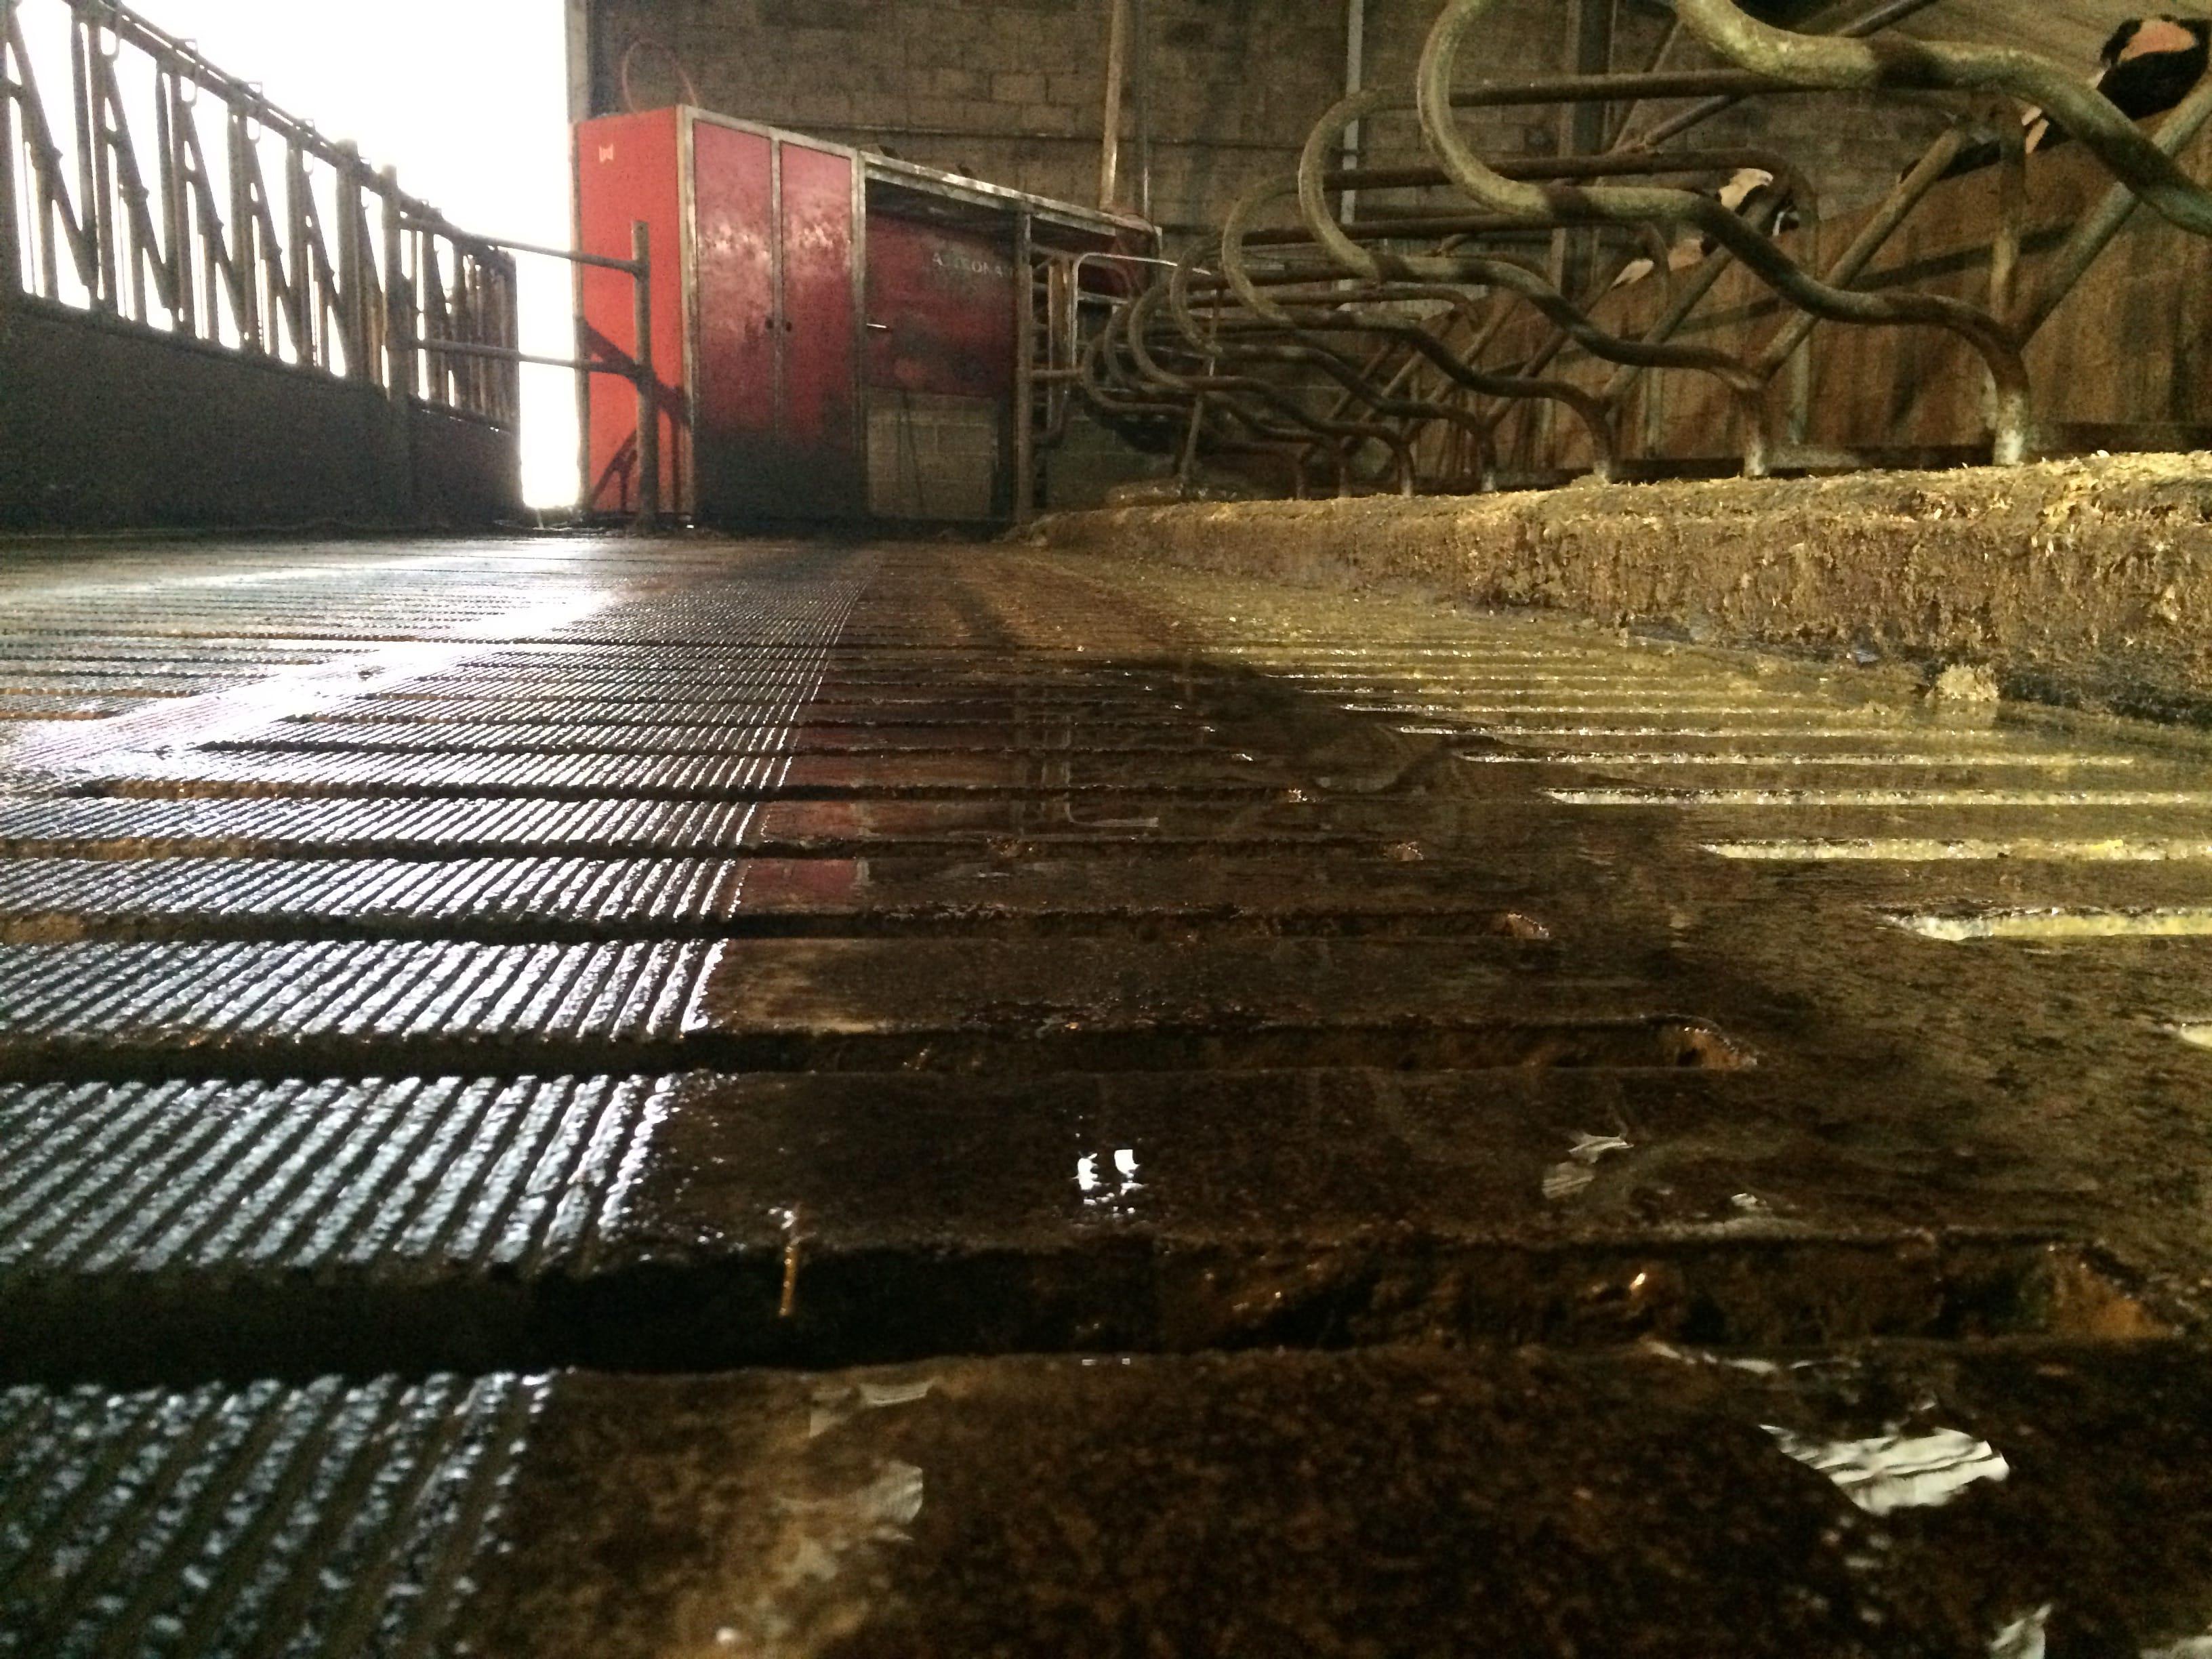 Rainurage de dalle béton caillebotis